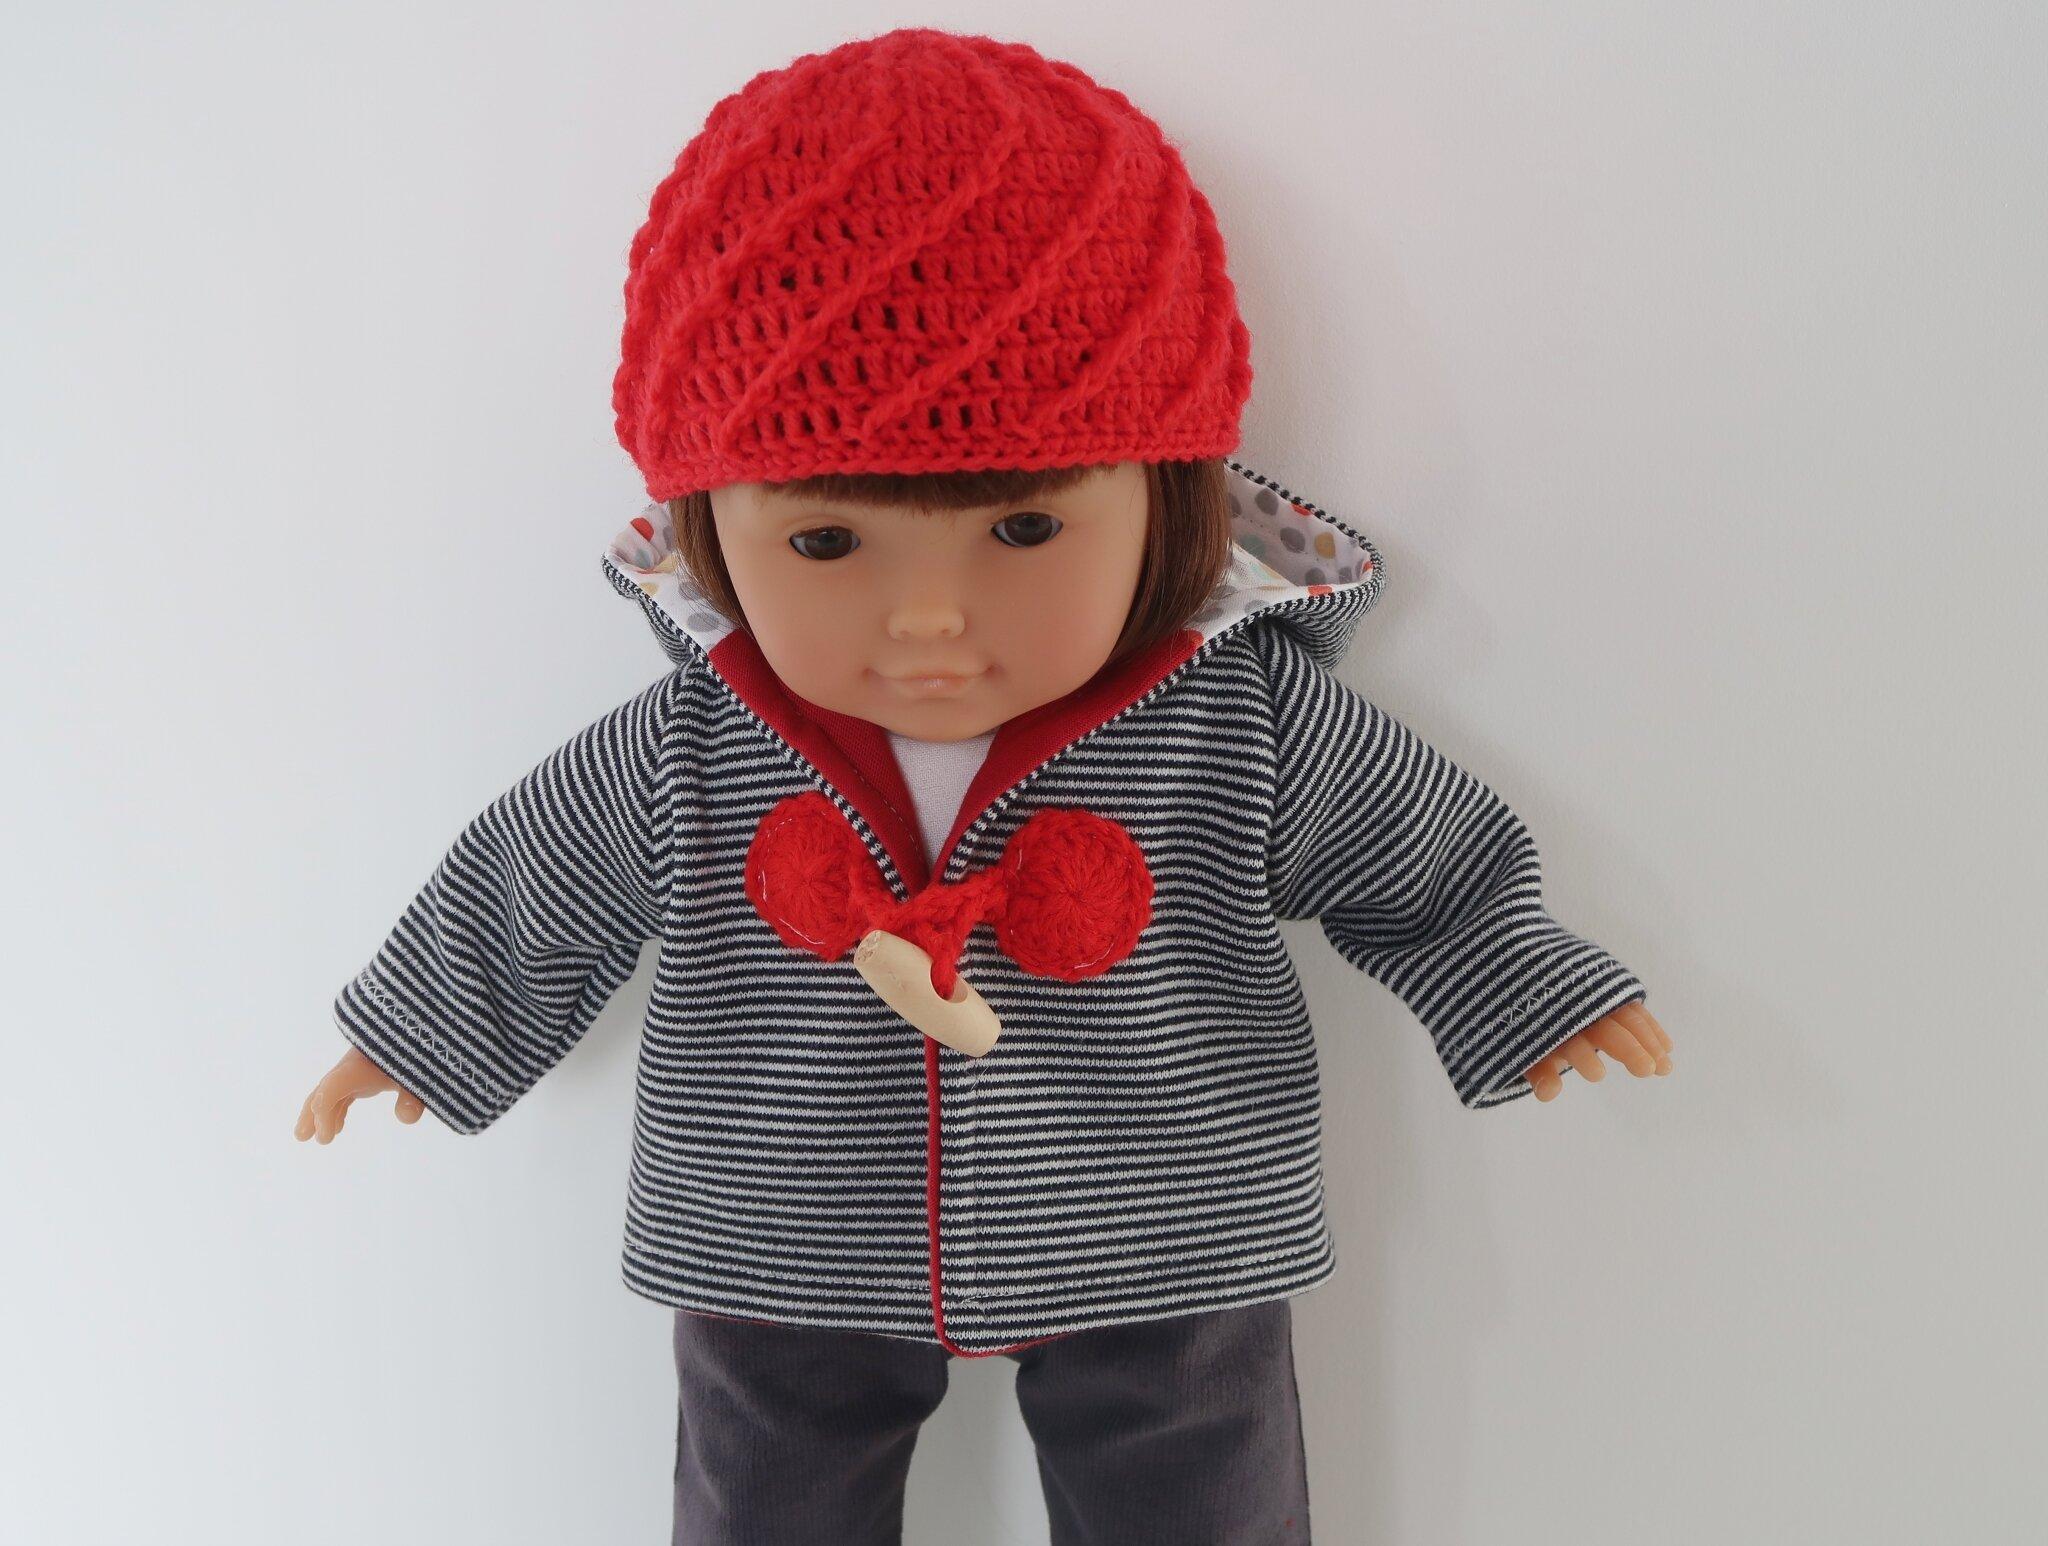 Vêtements veste et bonnet pour poupée 36cm type ma corolle